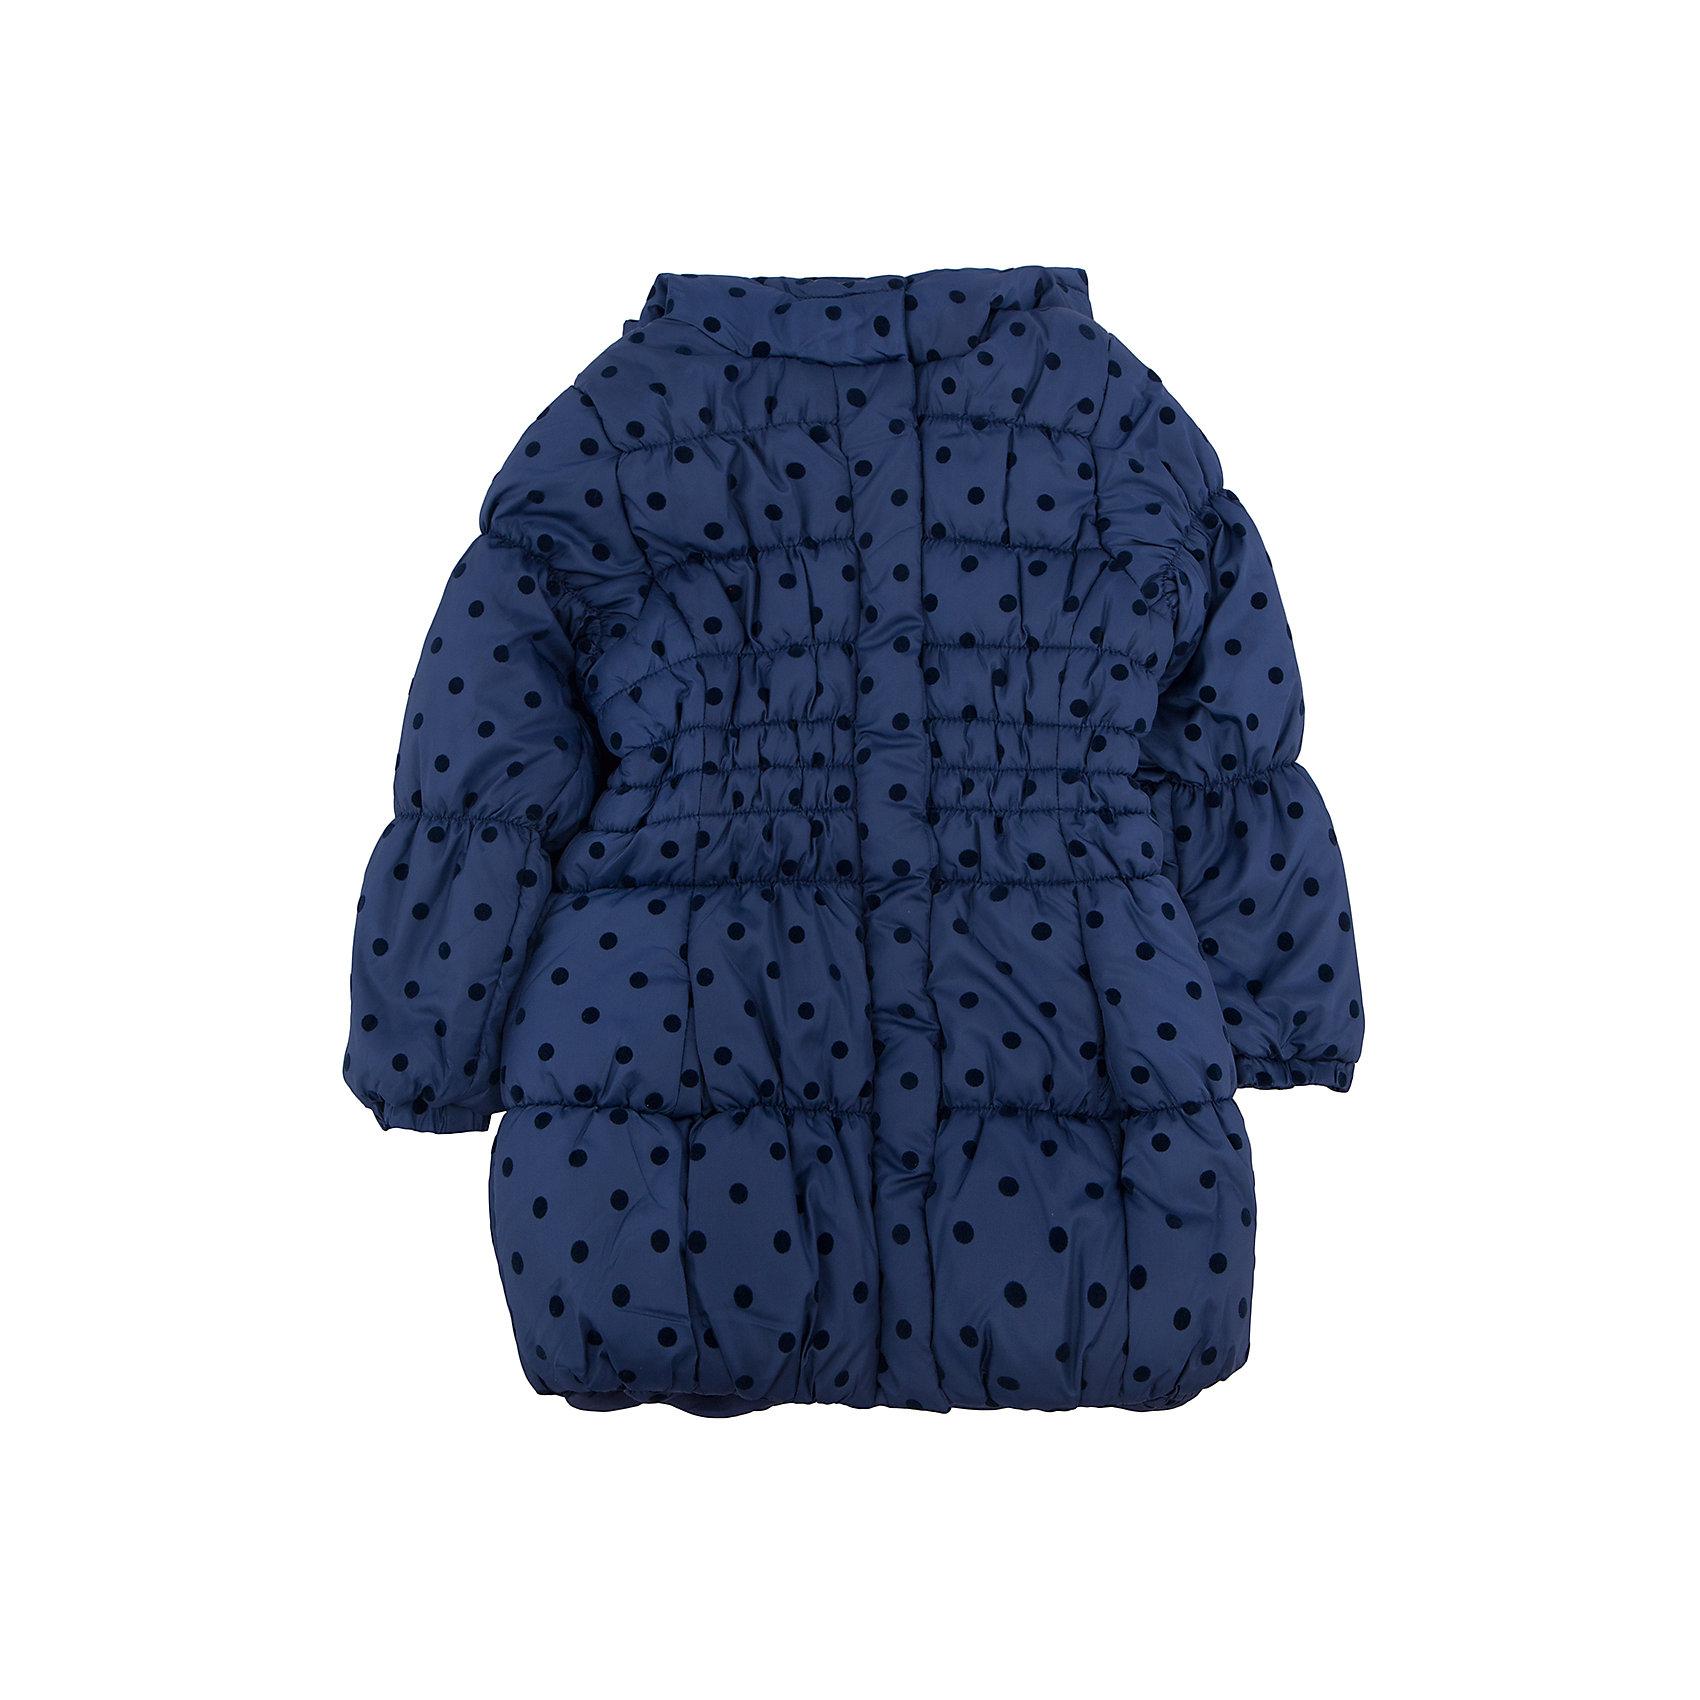 Пальто для девочки PlayTodayВерхняя одежда<br>Пальто для девочки от известного бренда PlayToday.<br>Стильная удлиненная куртка с капюшоном. Украшена мягким флоковым принтом в горошек. Эластичная стежка создает отличную посадку по фигуре и увеличивает теплозащитные свойства. Застегивается на молнию, есть ветрозащитная планка на кнопках. Рукава и низ на резинке.<br>Состав:<br>Верх: 100% полиэстер, Подкладка: 100% полиэстер, Наполнитель: 100% полиэстер, 250 г/м2<br><br>Ширина мм: 356<br>Глубина мм: 10<br>Высота мм: 245<br>Вес г: 519<br>Цвет: синий<br>Возраст от месяцев: 36<br>Возраст до месяцев: 48<br>Пол: Женский<br>Возраст: Детский<br>Размер: 104,122,128,98,110,116<br>SKU: 4897551